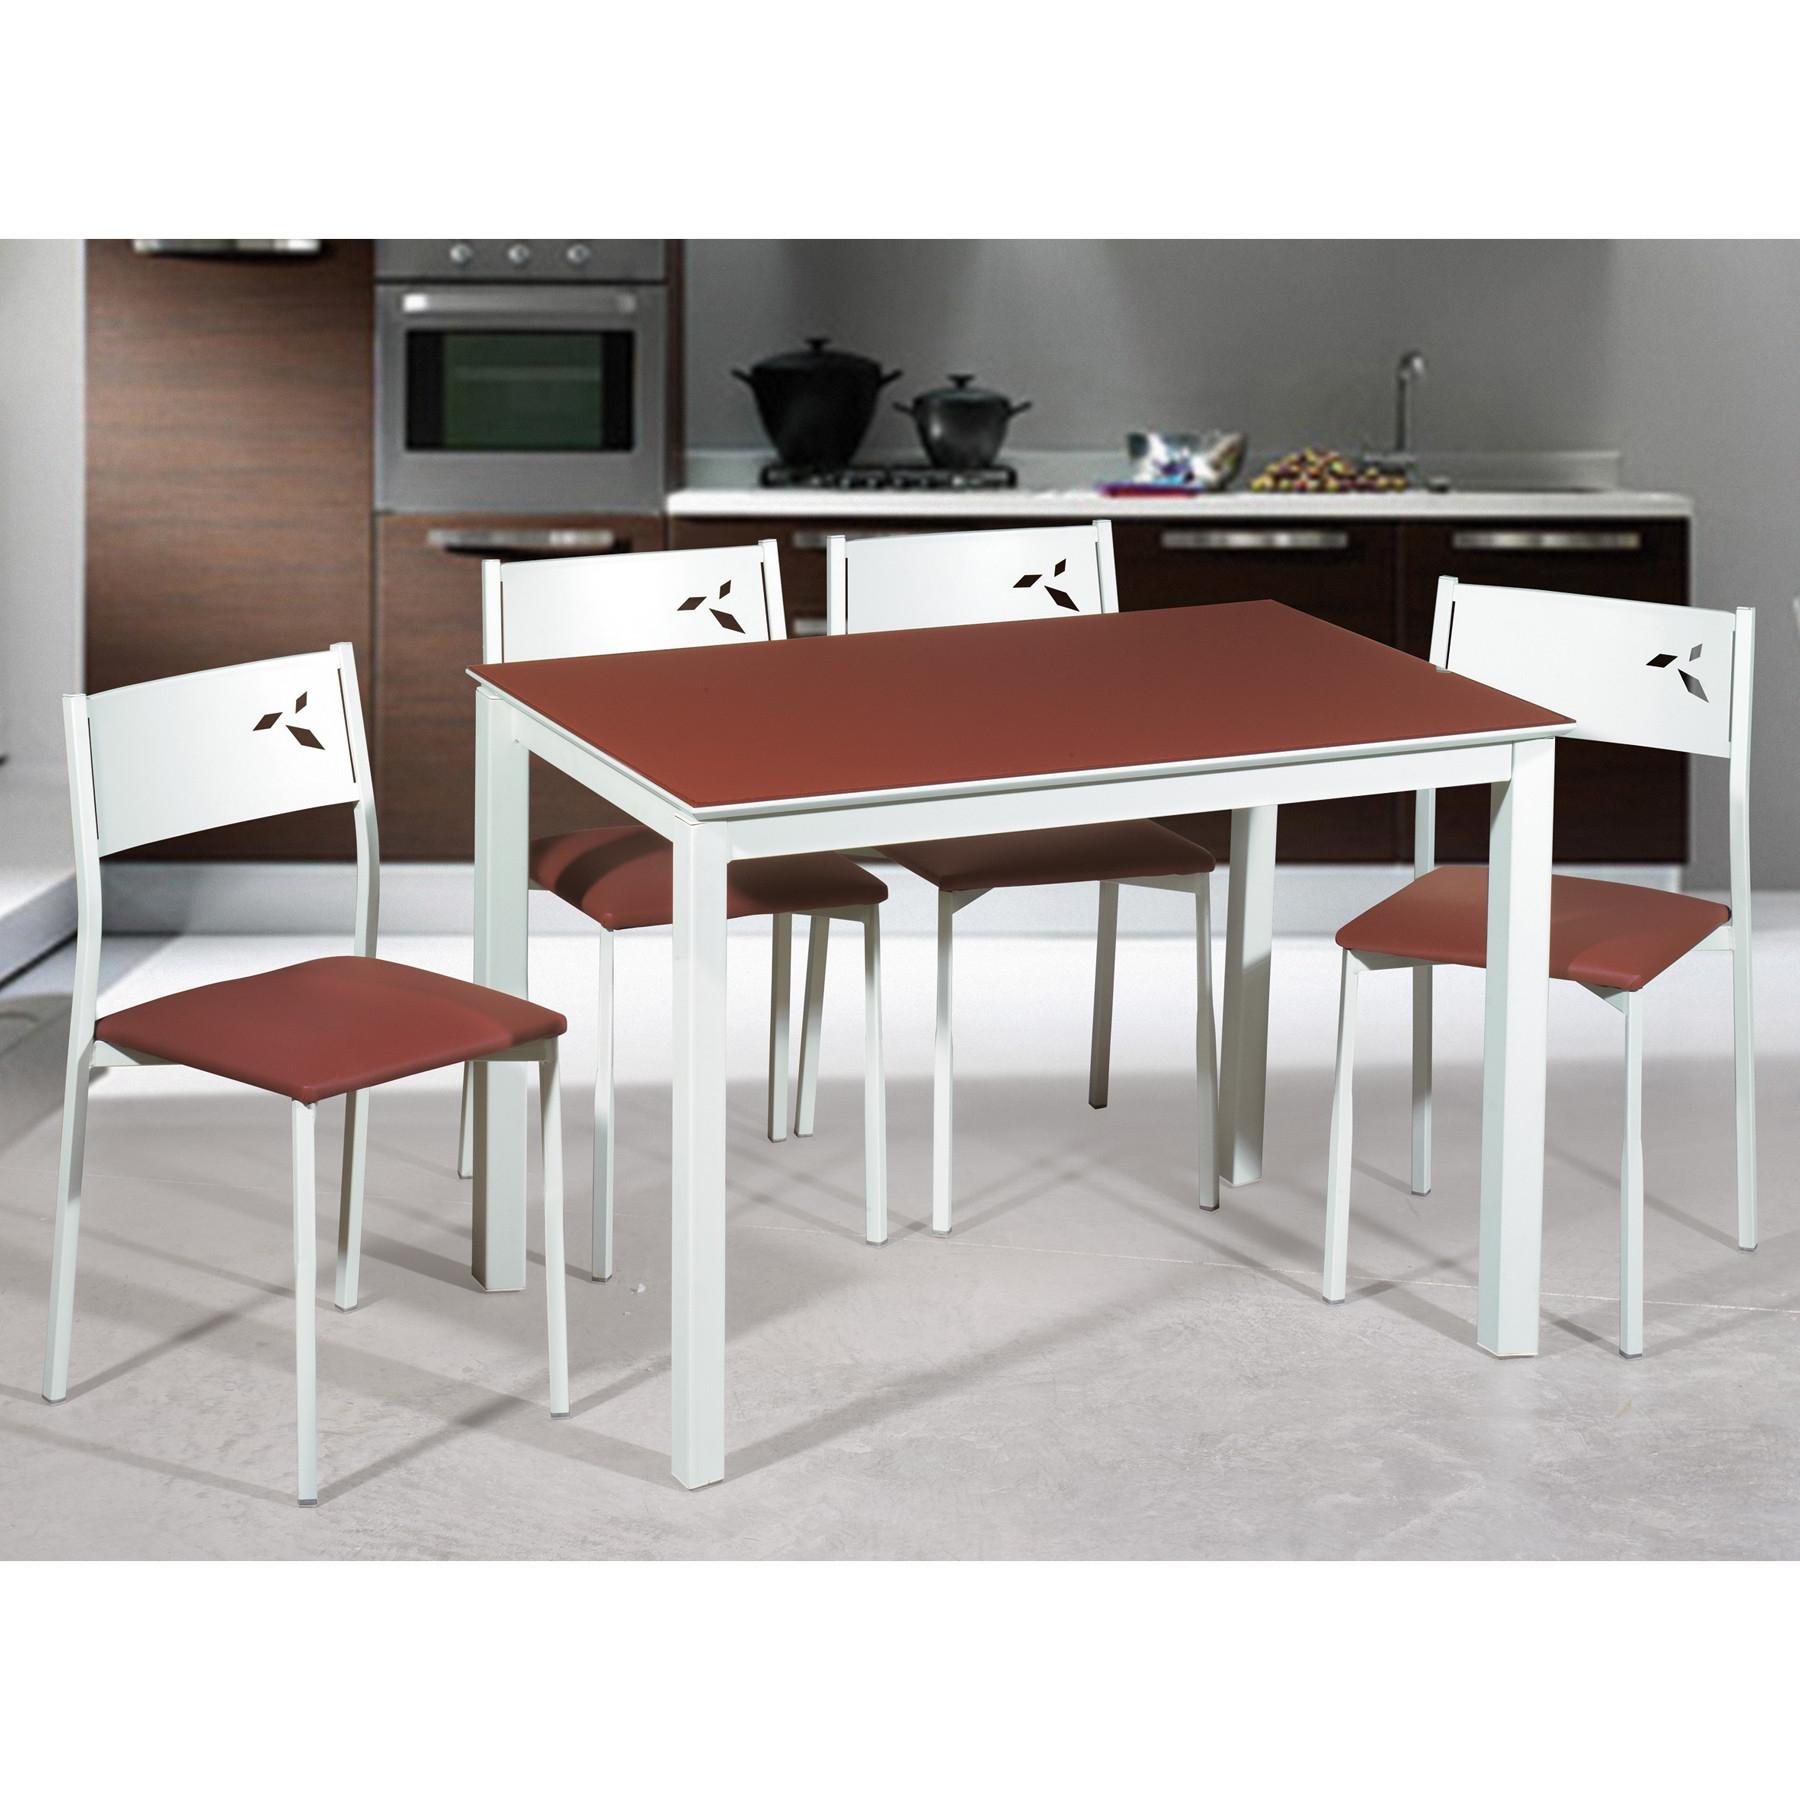 Conjunto Mesa Y Sillas Cocina Ffdn Oferta Conjunto Mesa Y Sillas De Cocina Blancas White